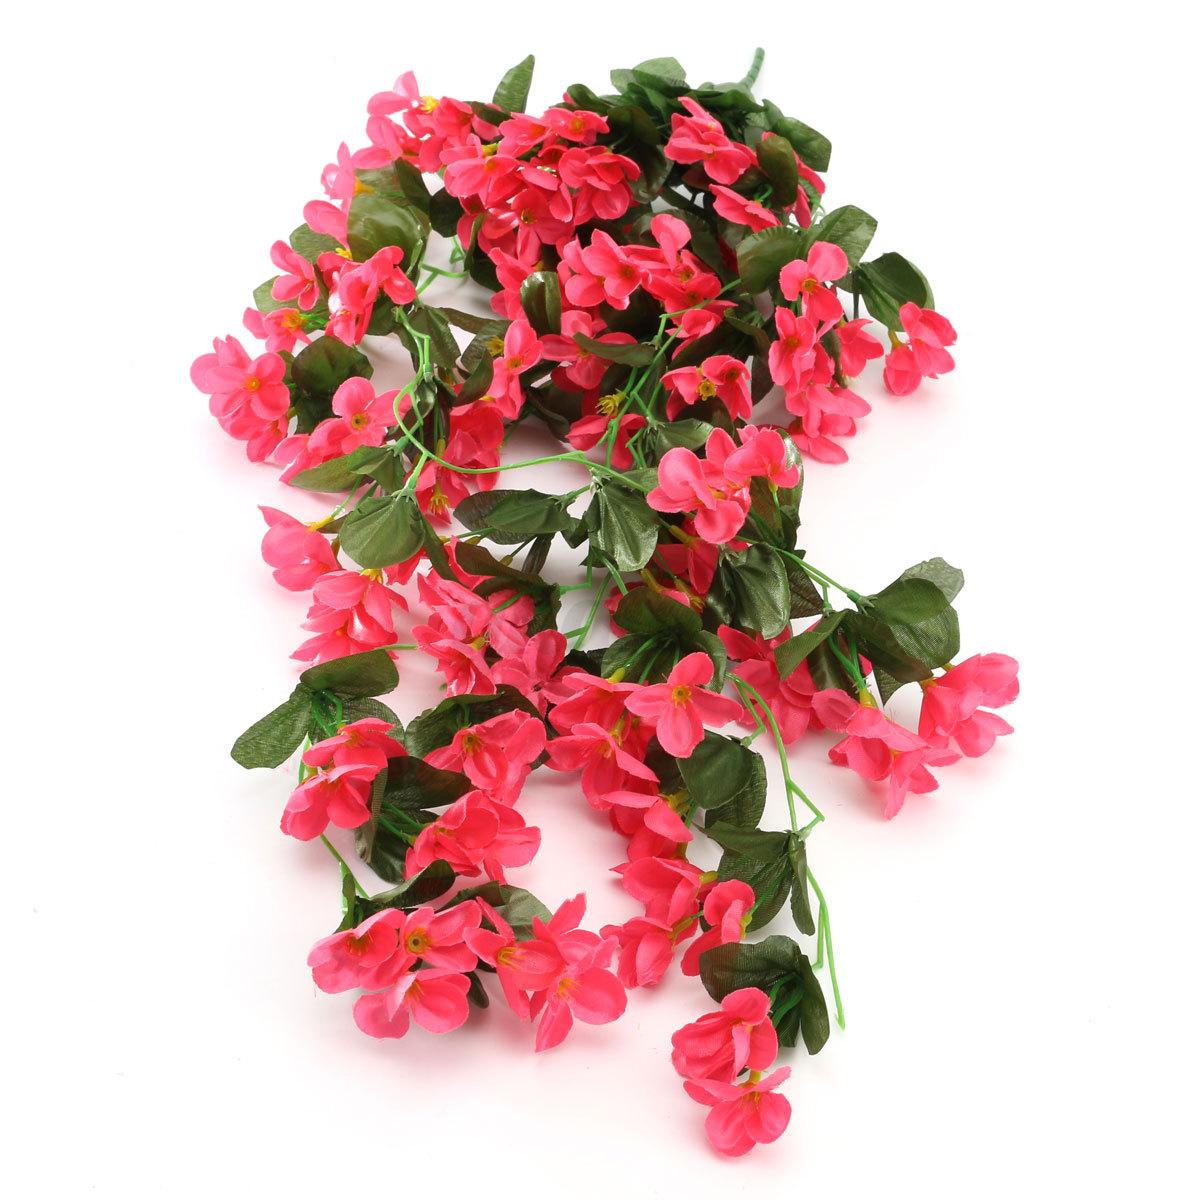 seidenblume kunstblumen reben efeurbusch blumenranke